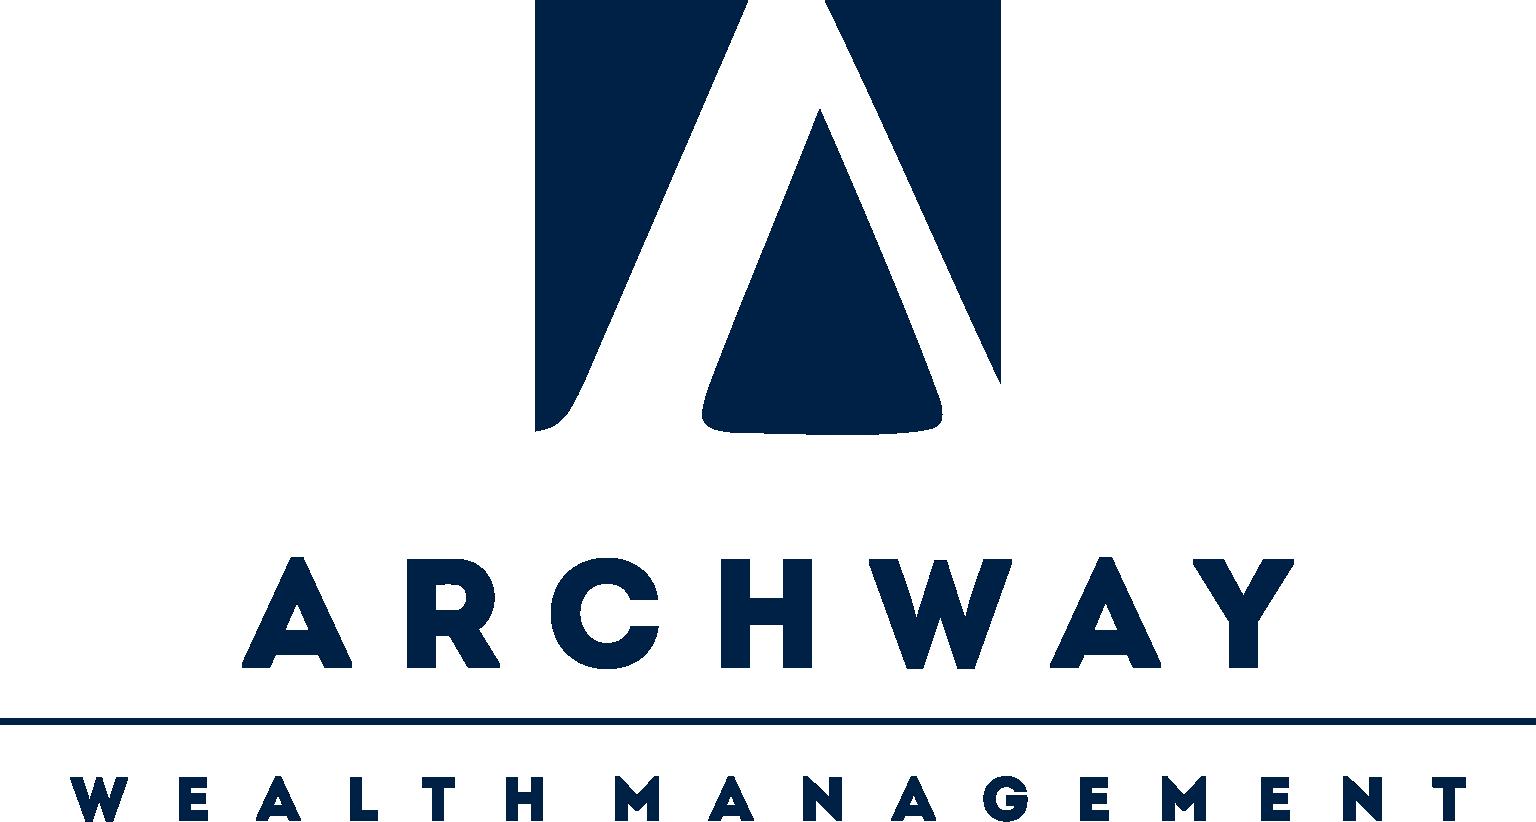 archway final logo 3 var 1 PNG